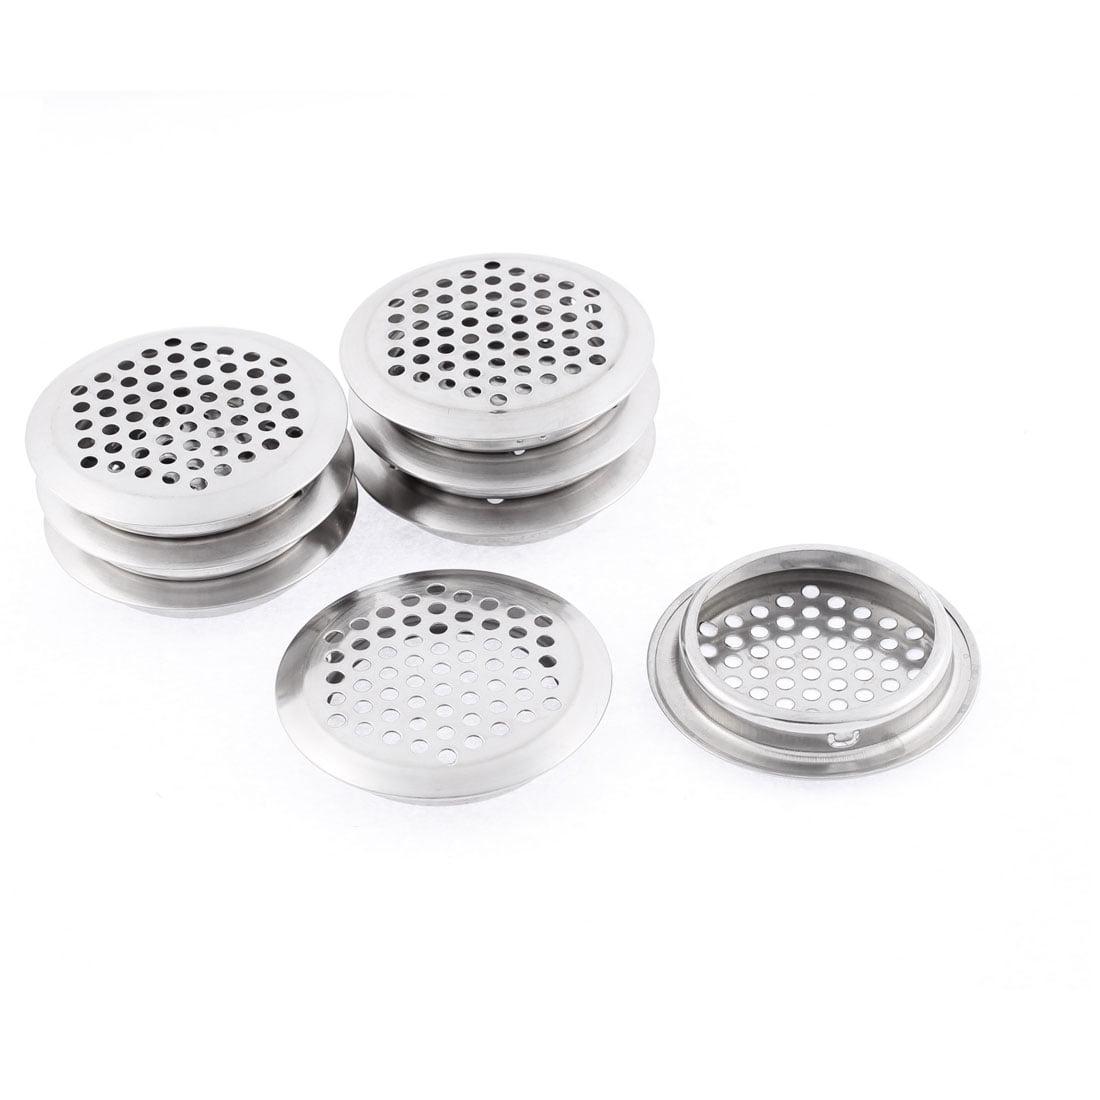 bathroom kitchen stainless steel sink strainer drainer